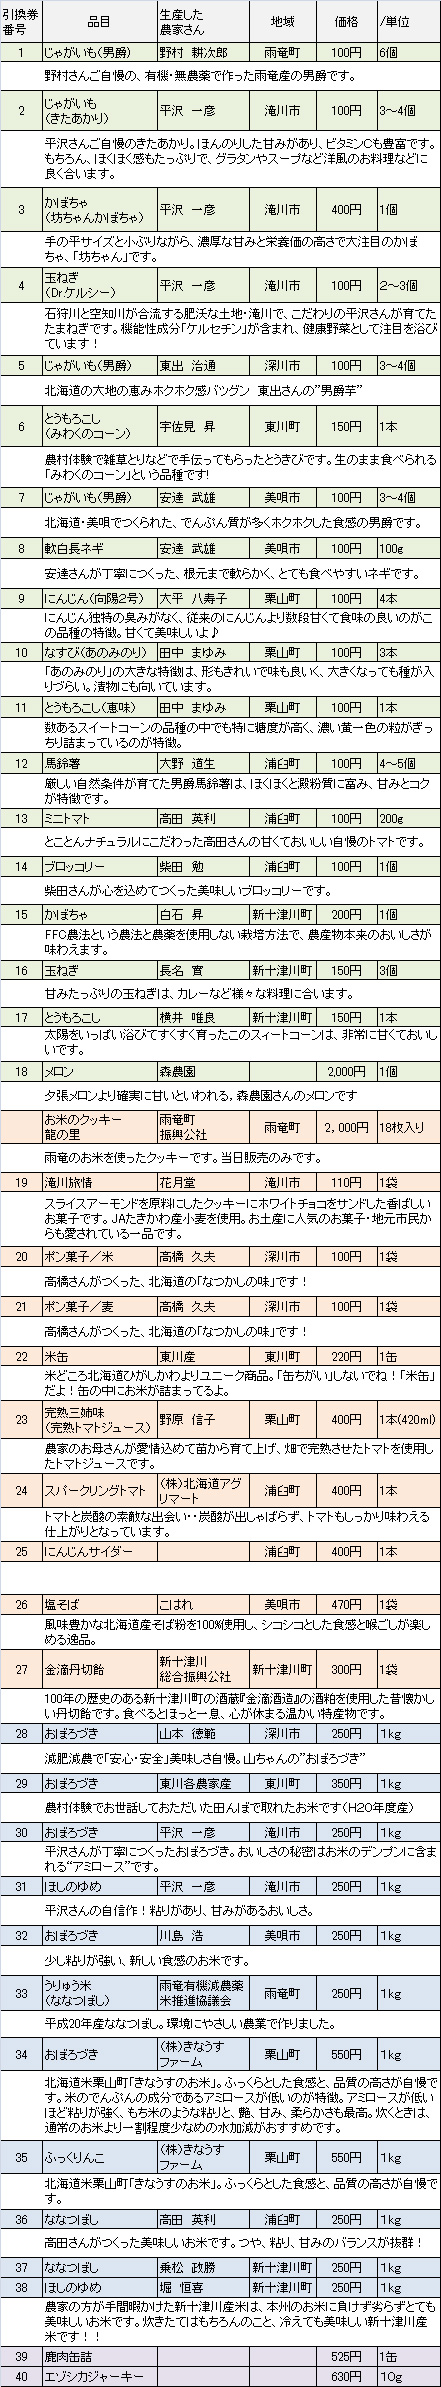 hokkaido_menu.jpg